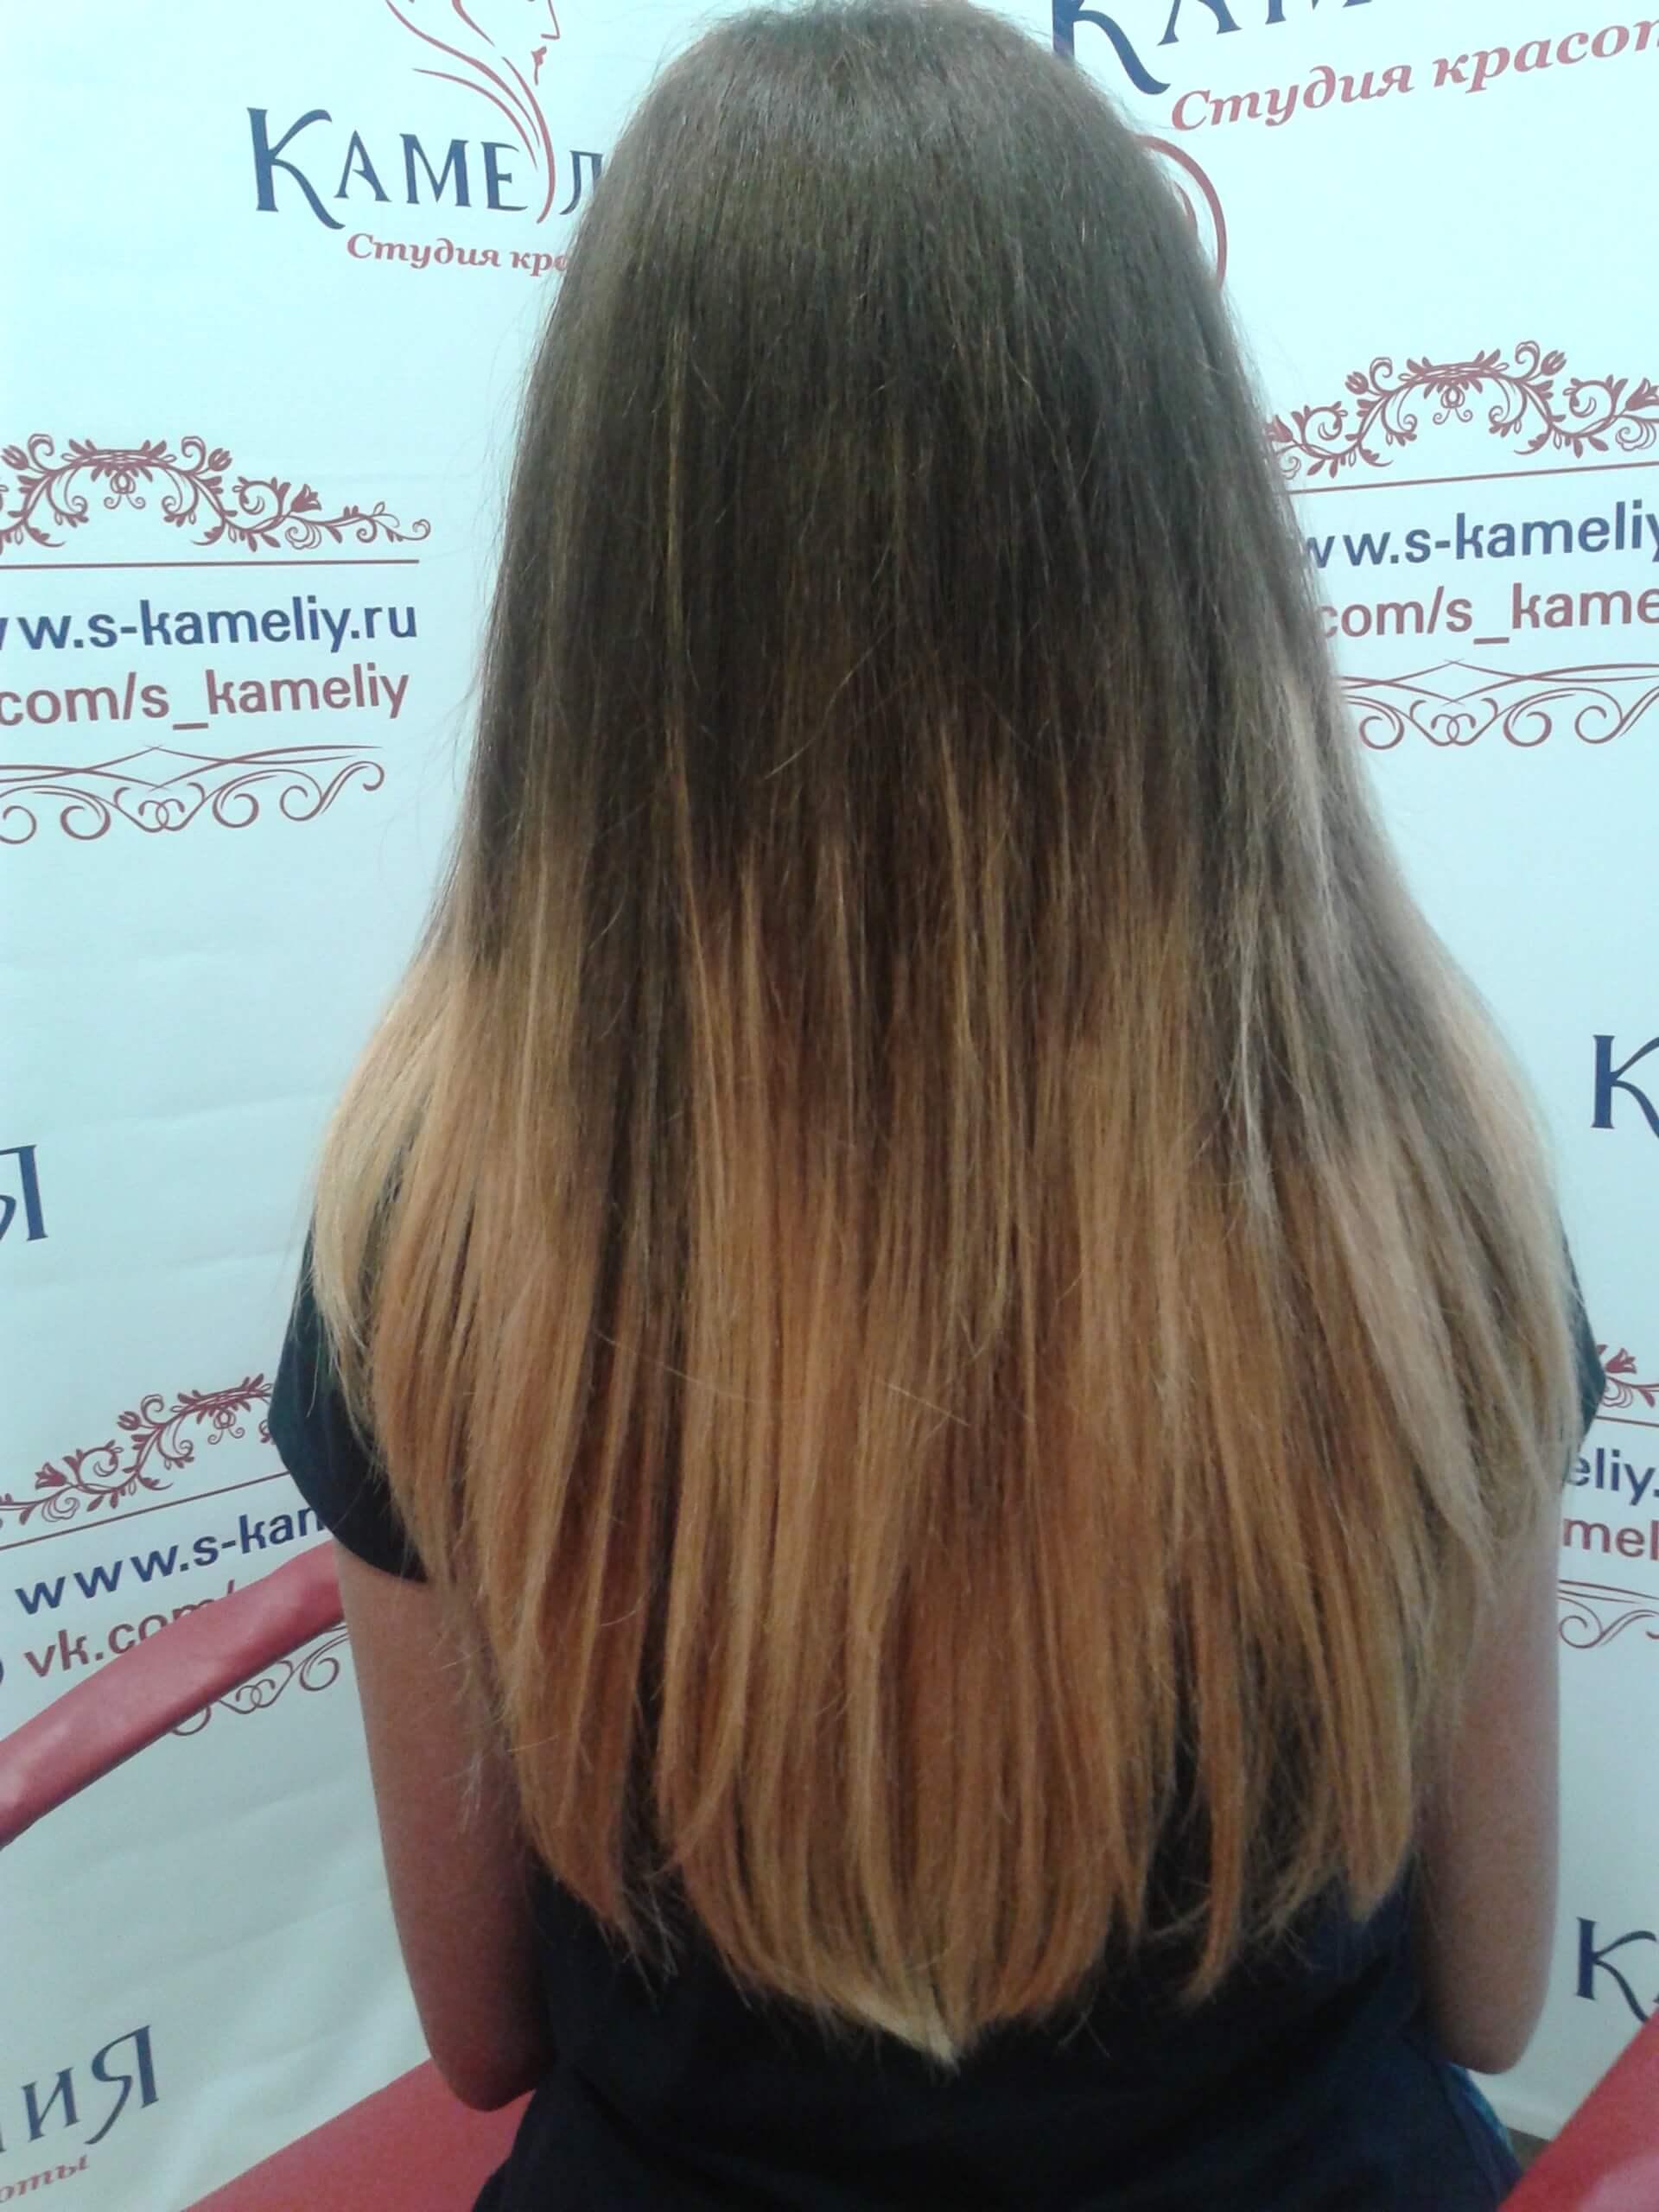 Услуги окрашивание волос